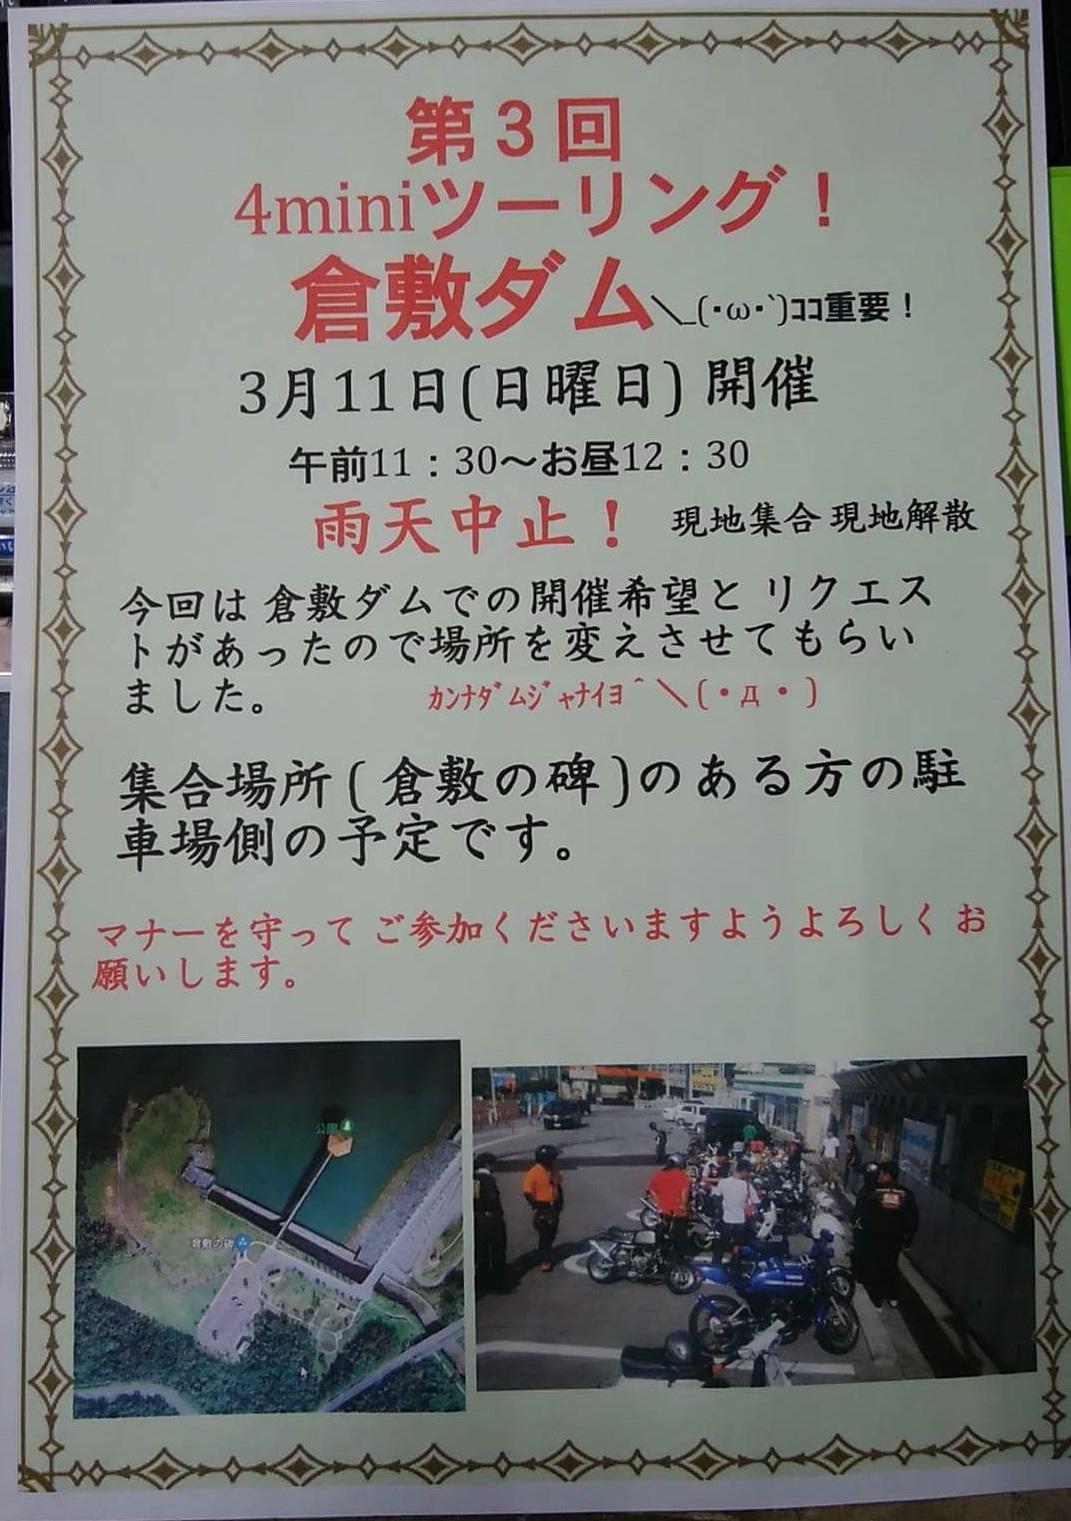 イベント情報】3月11日(日)4mini ツーリングin倉敷ダム